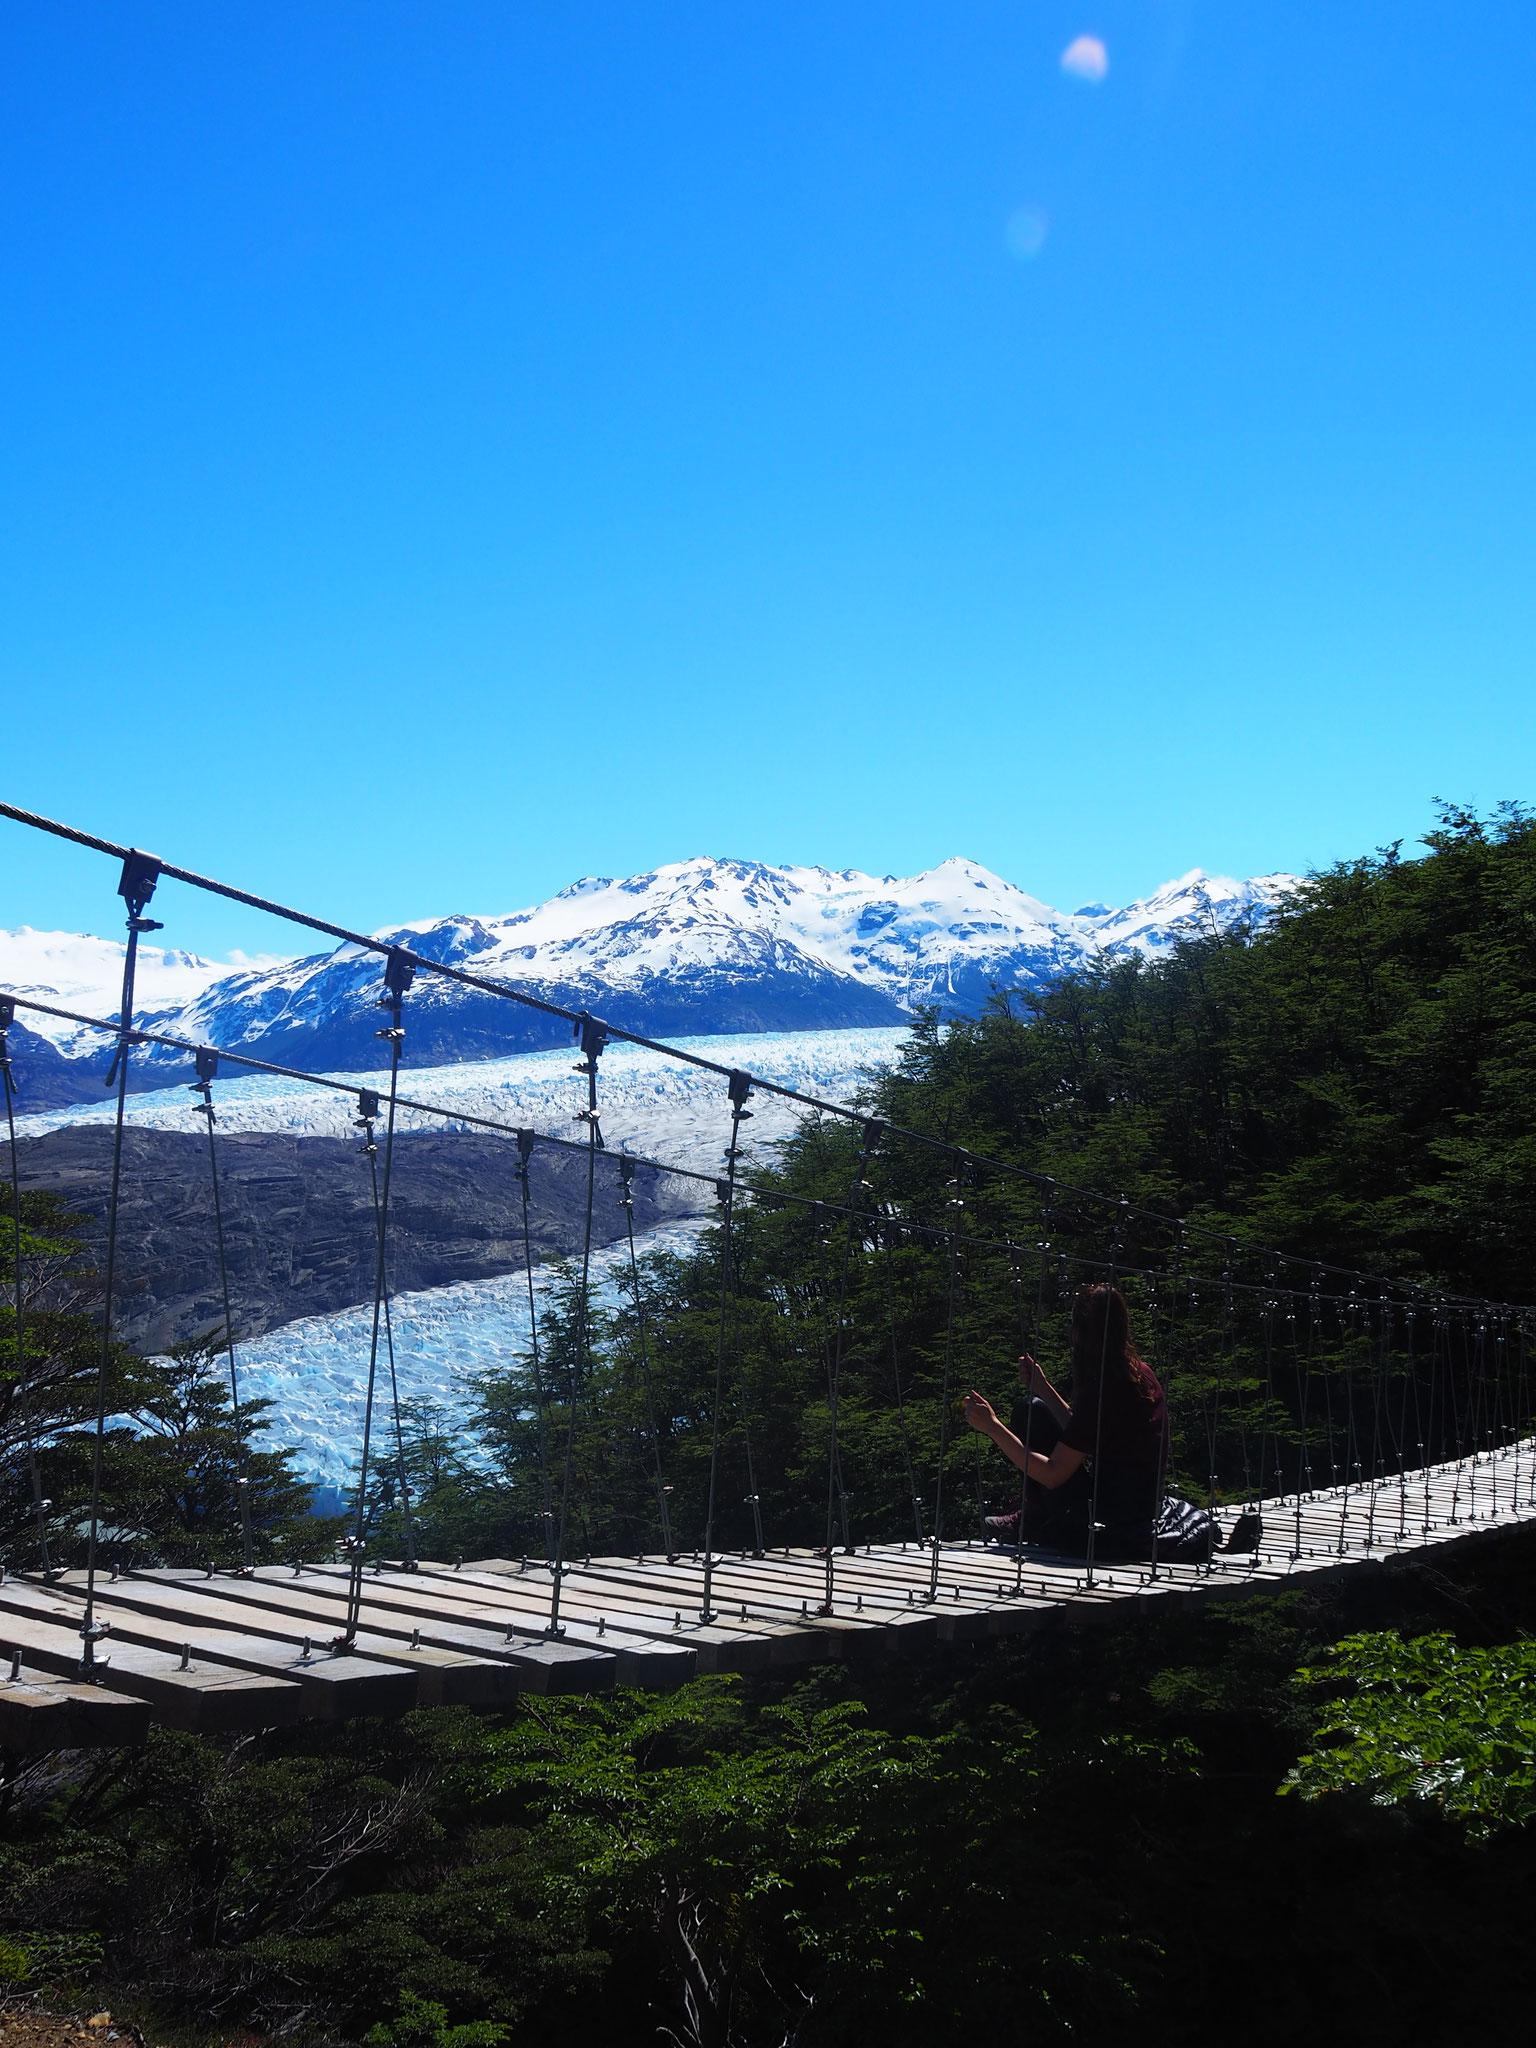 Eine der drei Hängebrücken auf dem Weg zum Refugio Grey